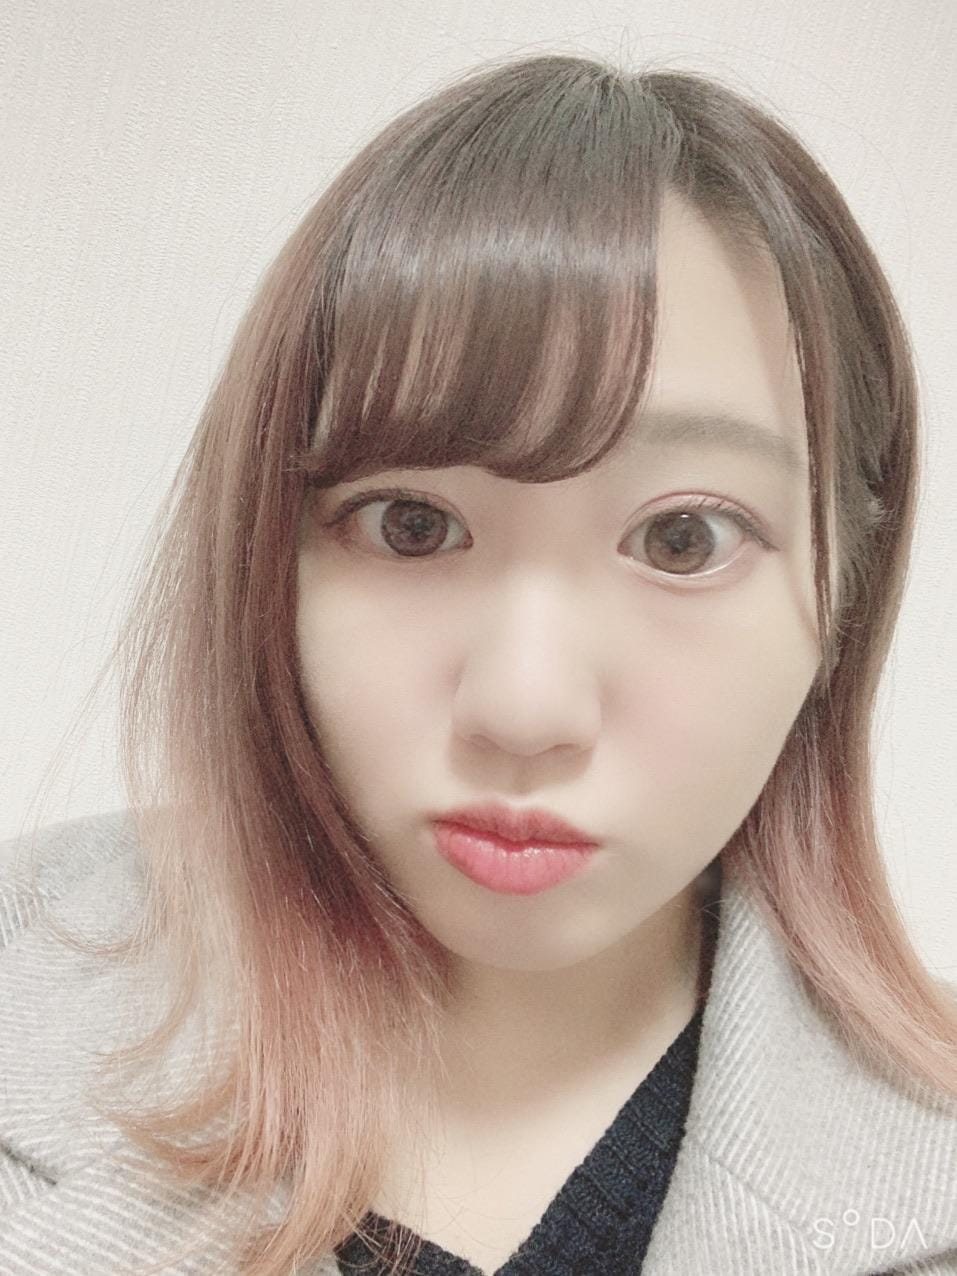 「こんにちは」01/15(01/15) 15:41   小玉しおんの写メ・風俗動画